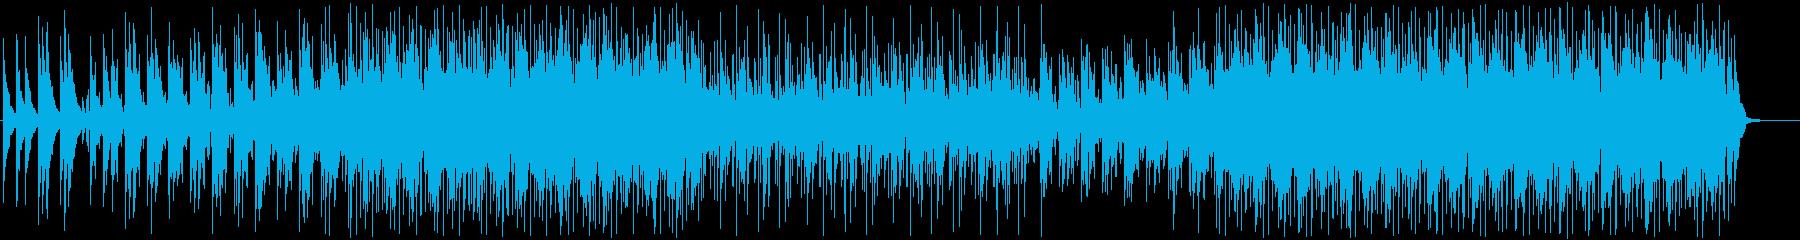 夜のChillファンクジャズ-メロウの再生済みの波形